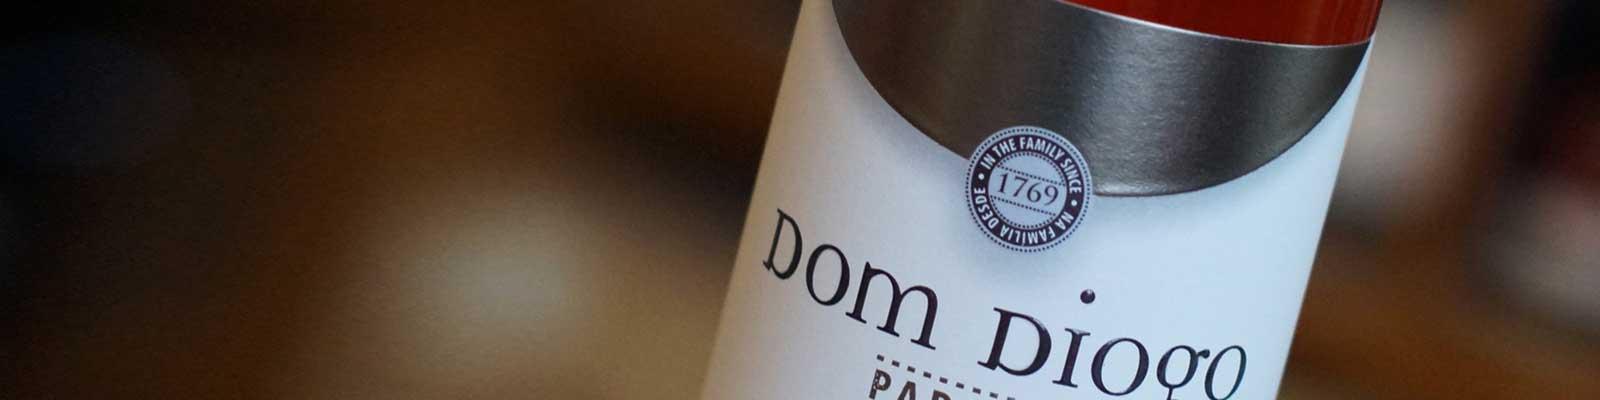 vinho Dom Diogo